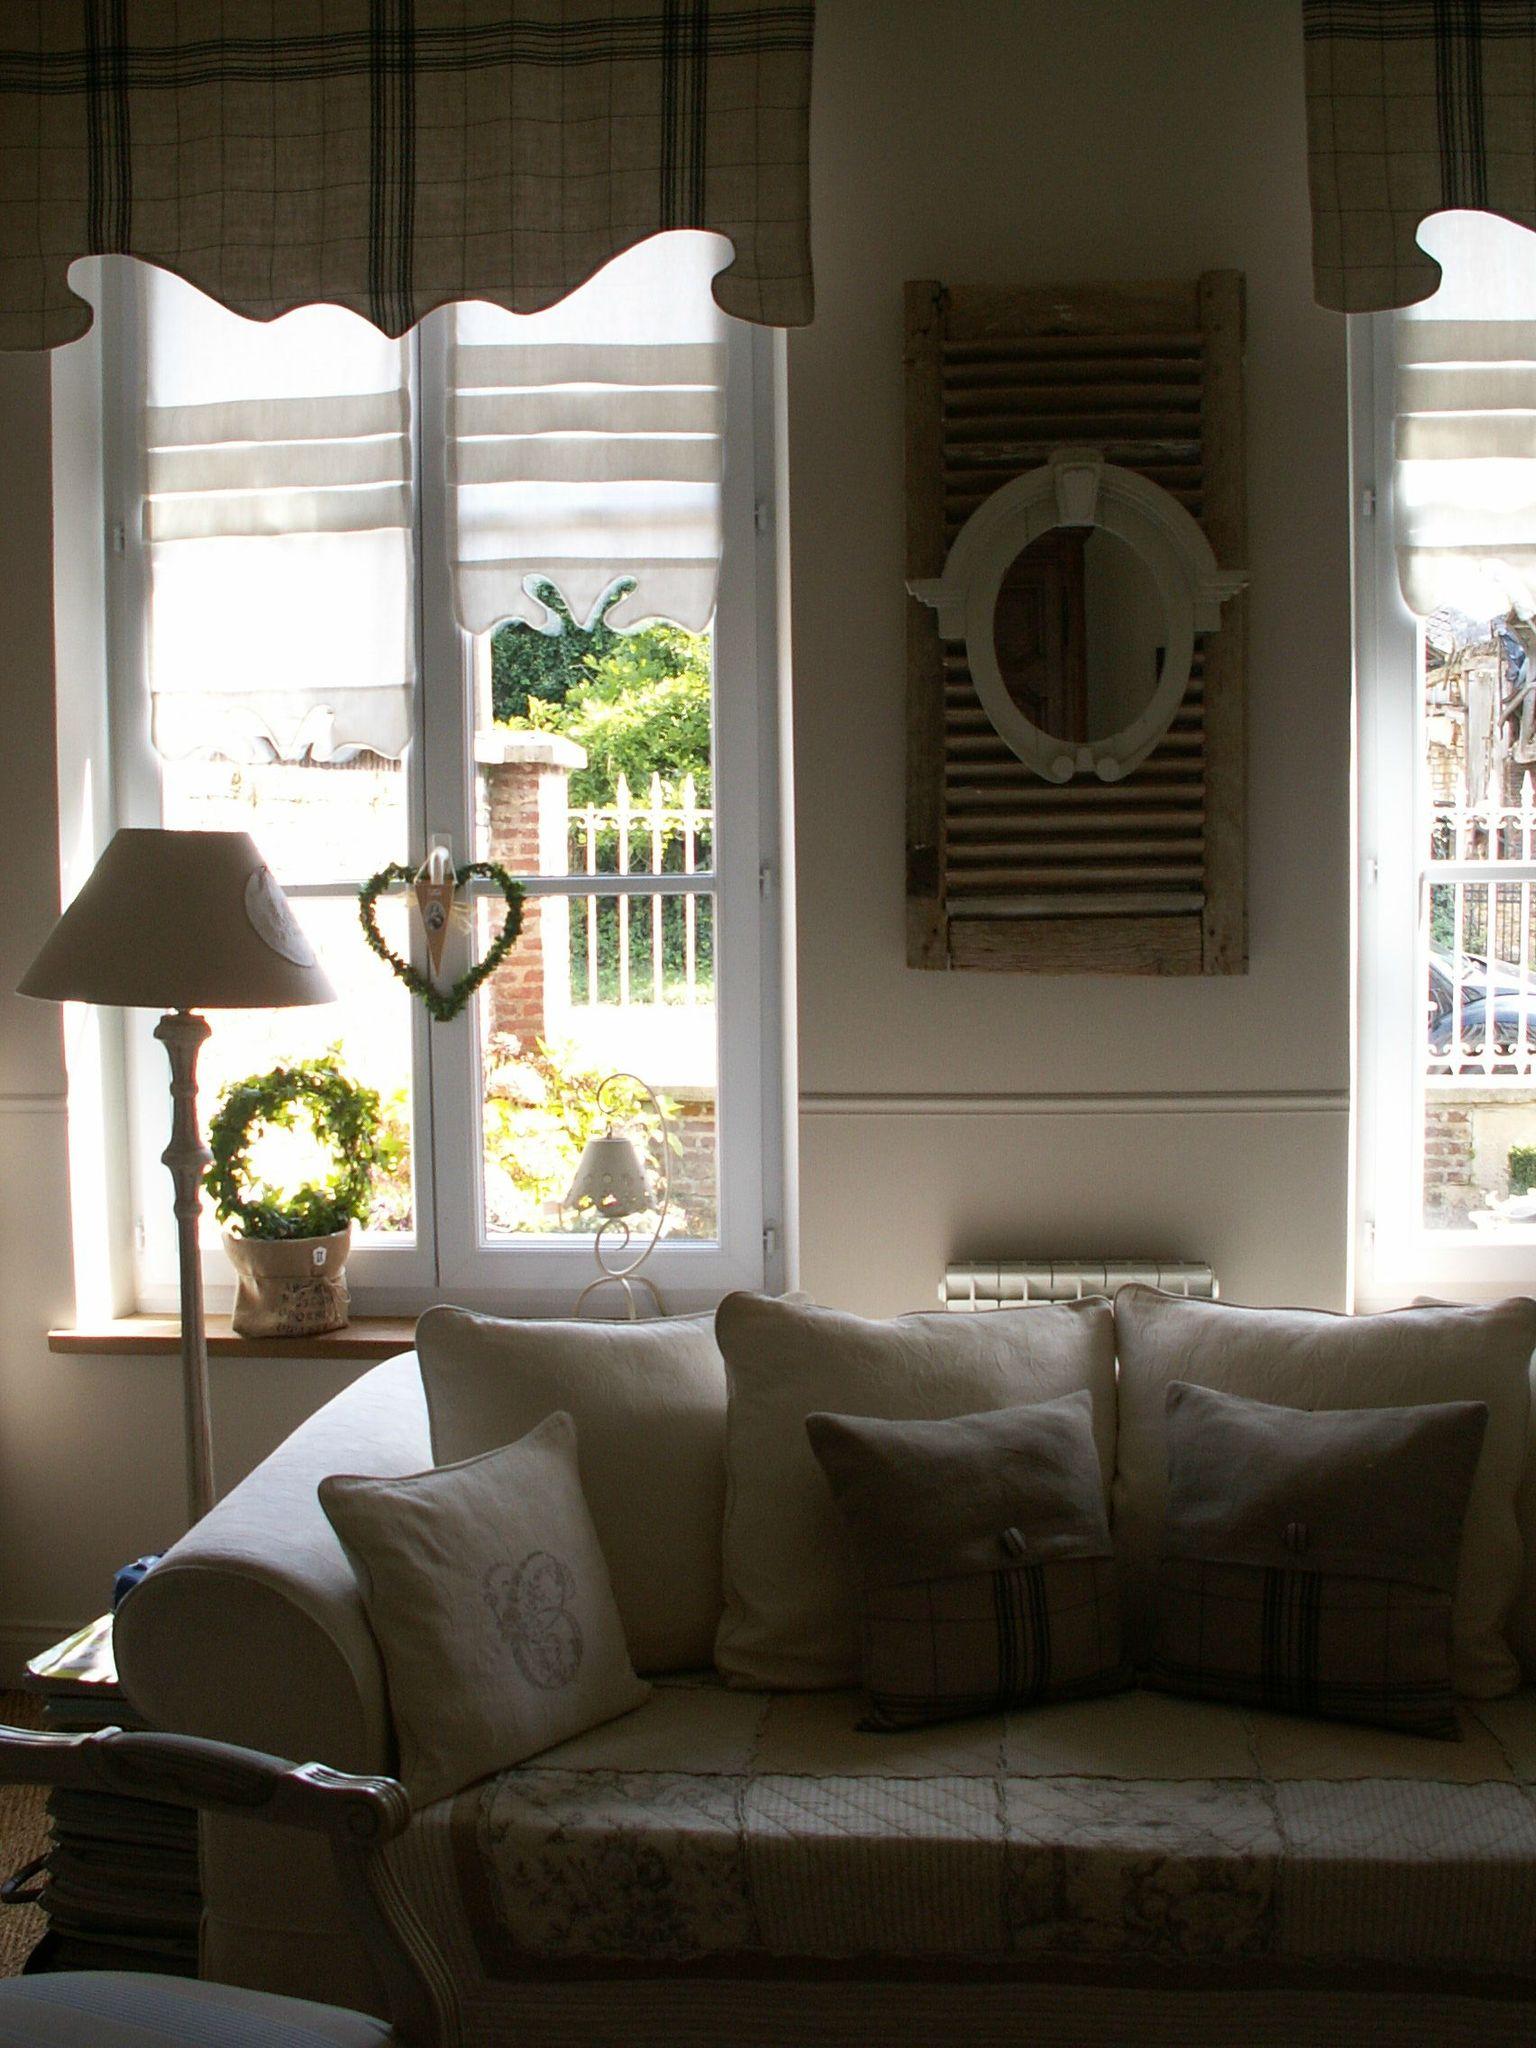 quelques coussins buis et hortensias. Black Bedroom Furniture Sets. Home Design Ideas